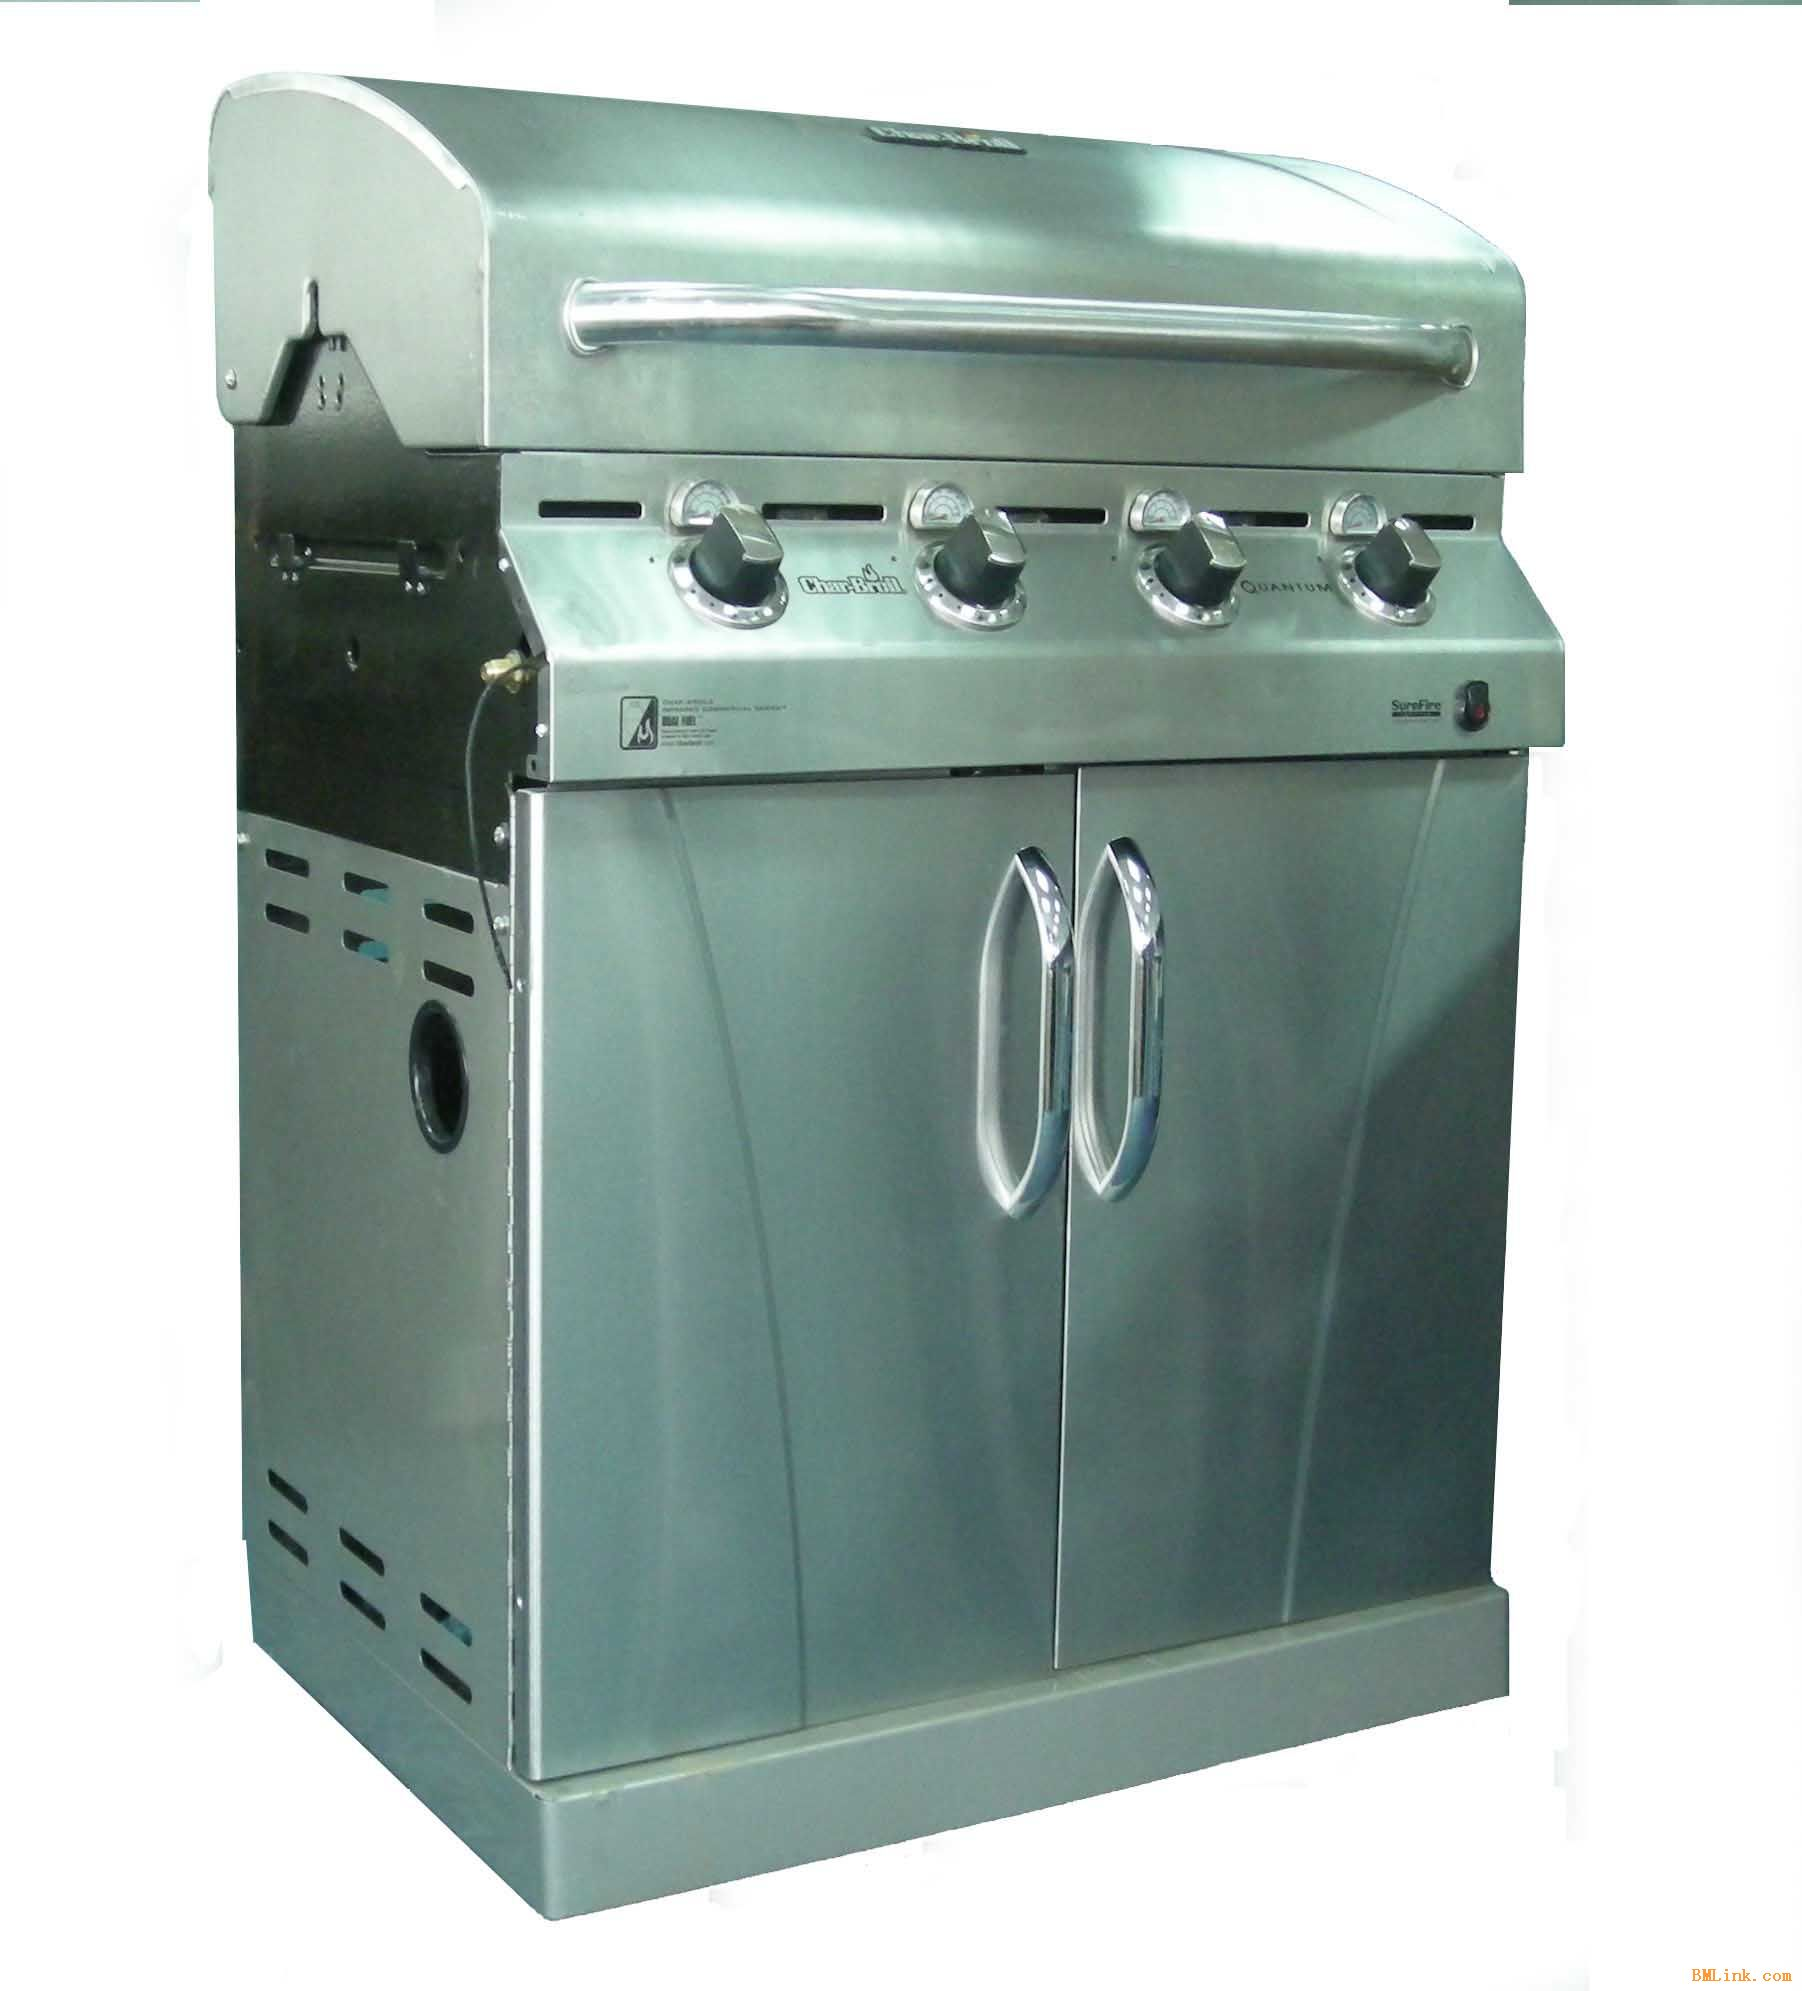 供应嵌入式燃气烧烤炉,别墅烧烤炉,烧烤台